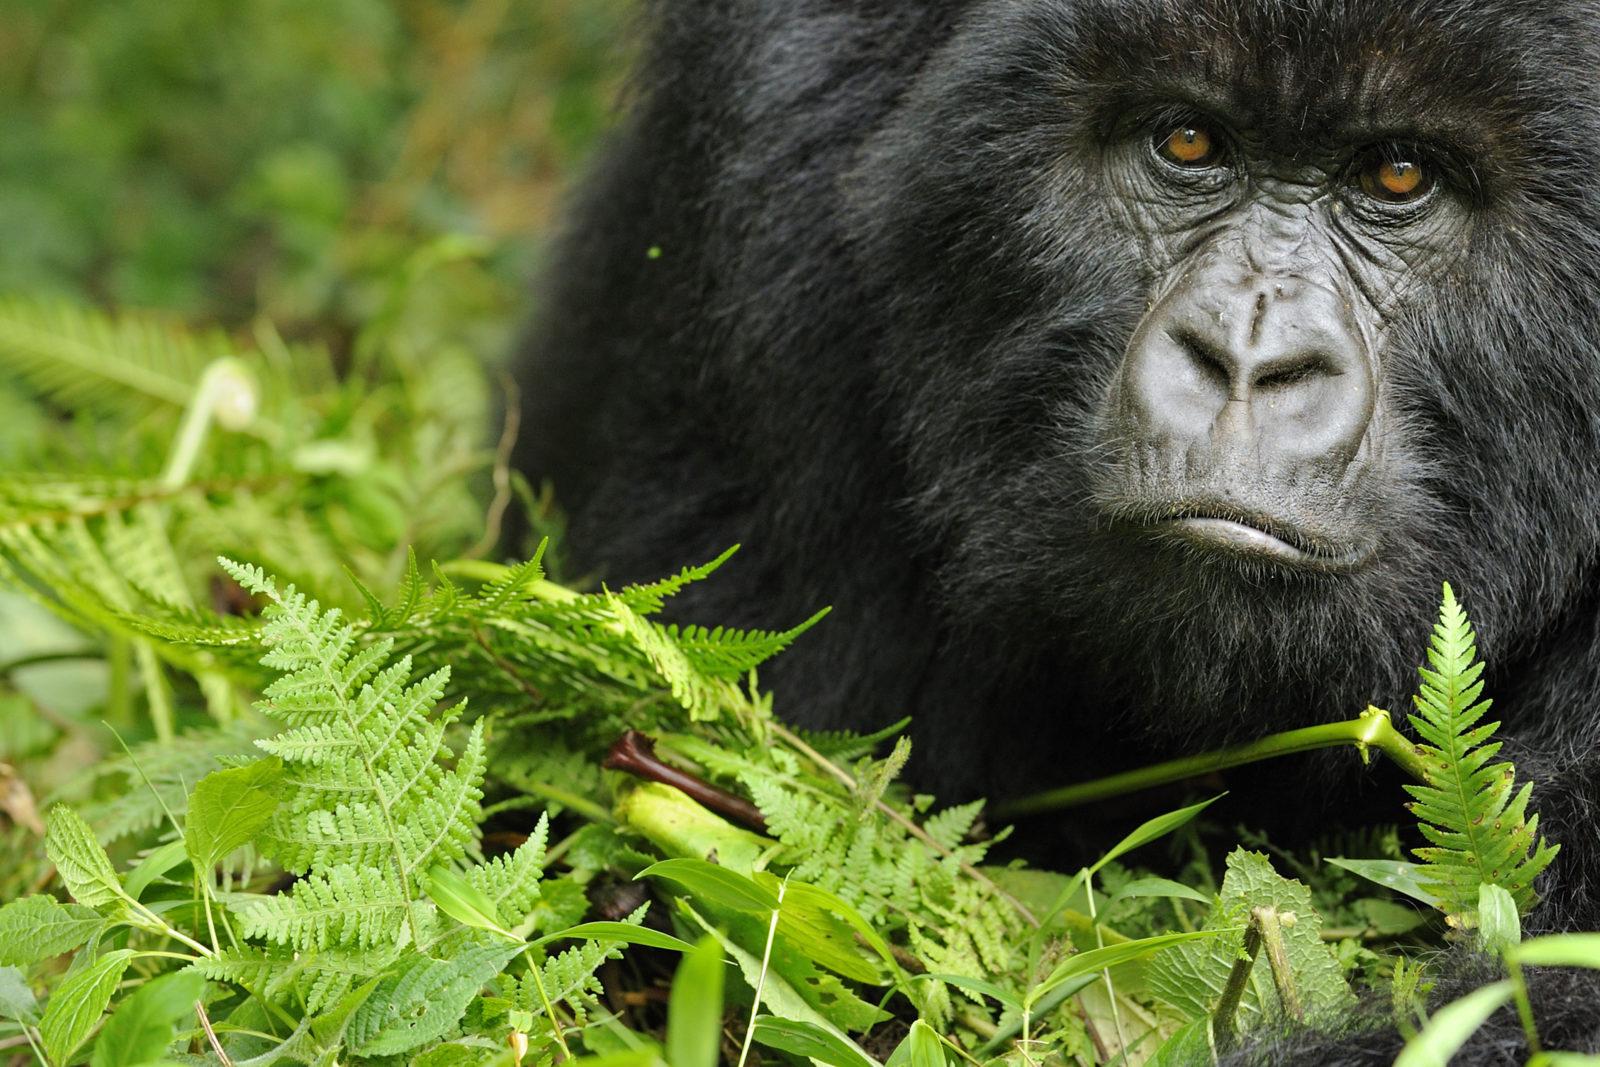 Utsnitt av et stort gorillahode som ser mot kamera